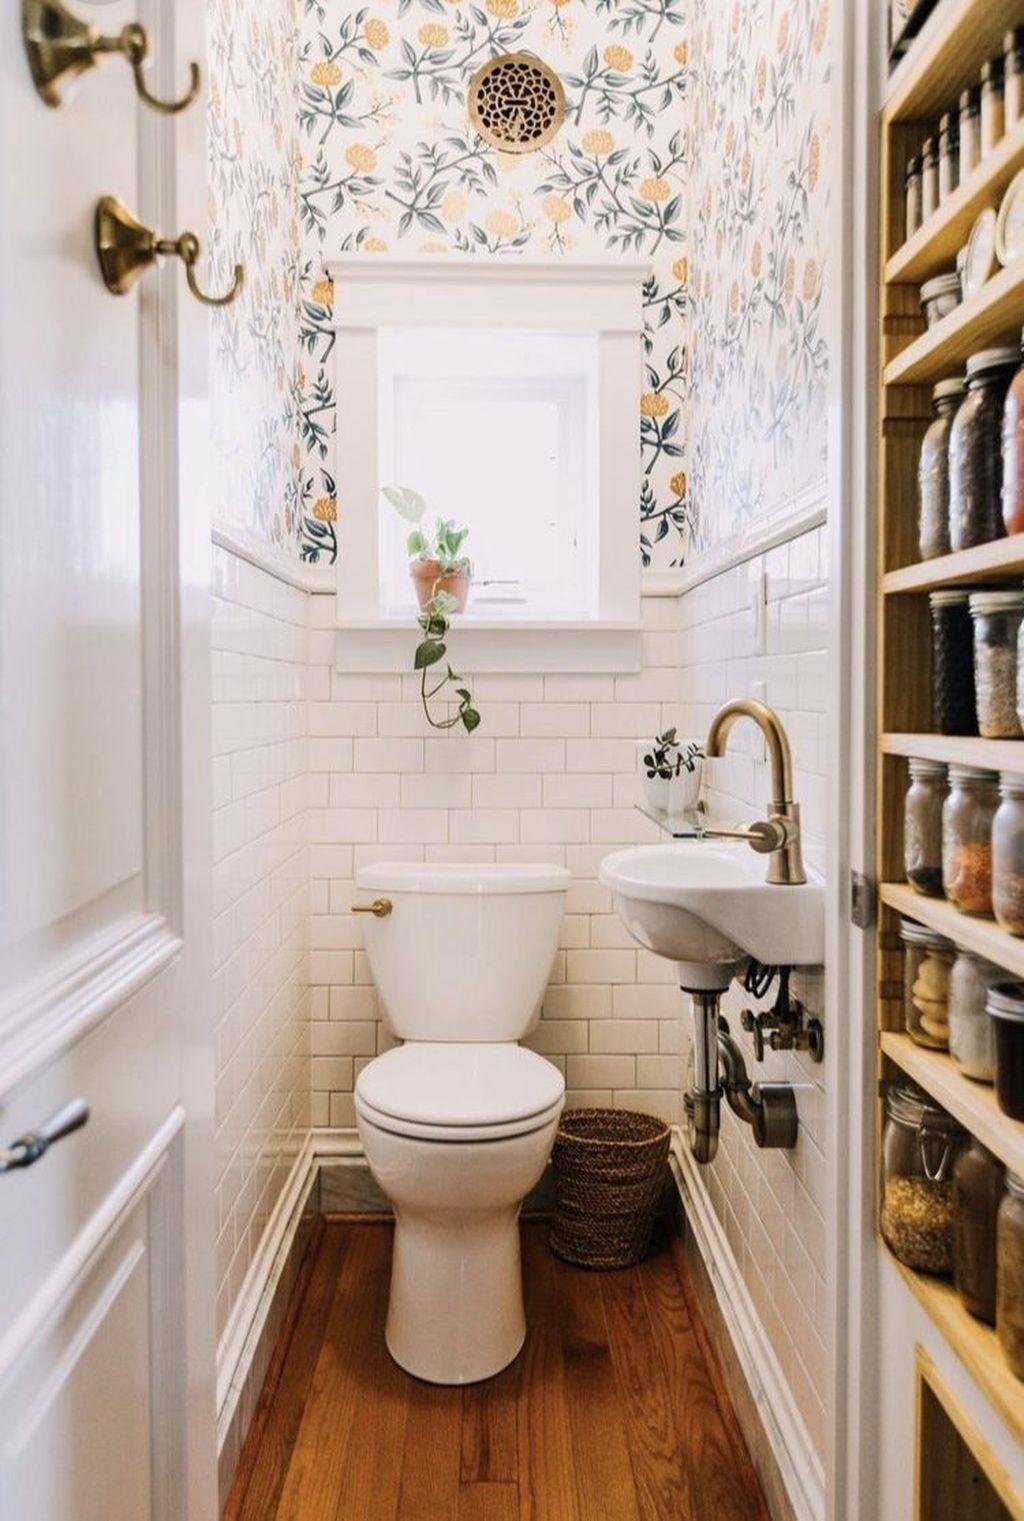 30 Inspiring Small Powder Room Decor And Design Ideas Powder Room Small Classy Wallpaper Powder Room Design